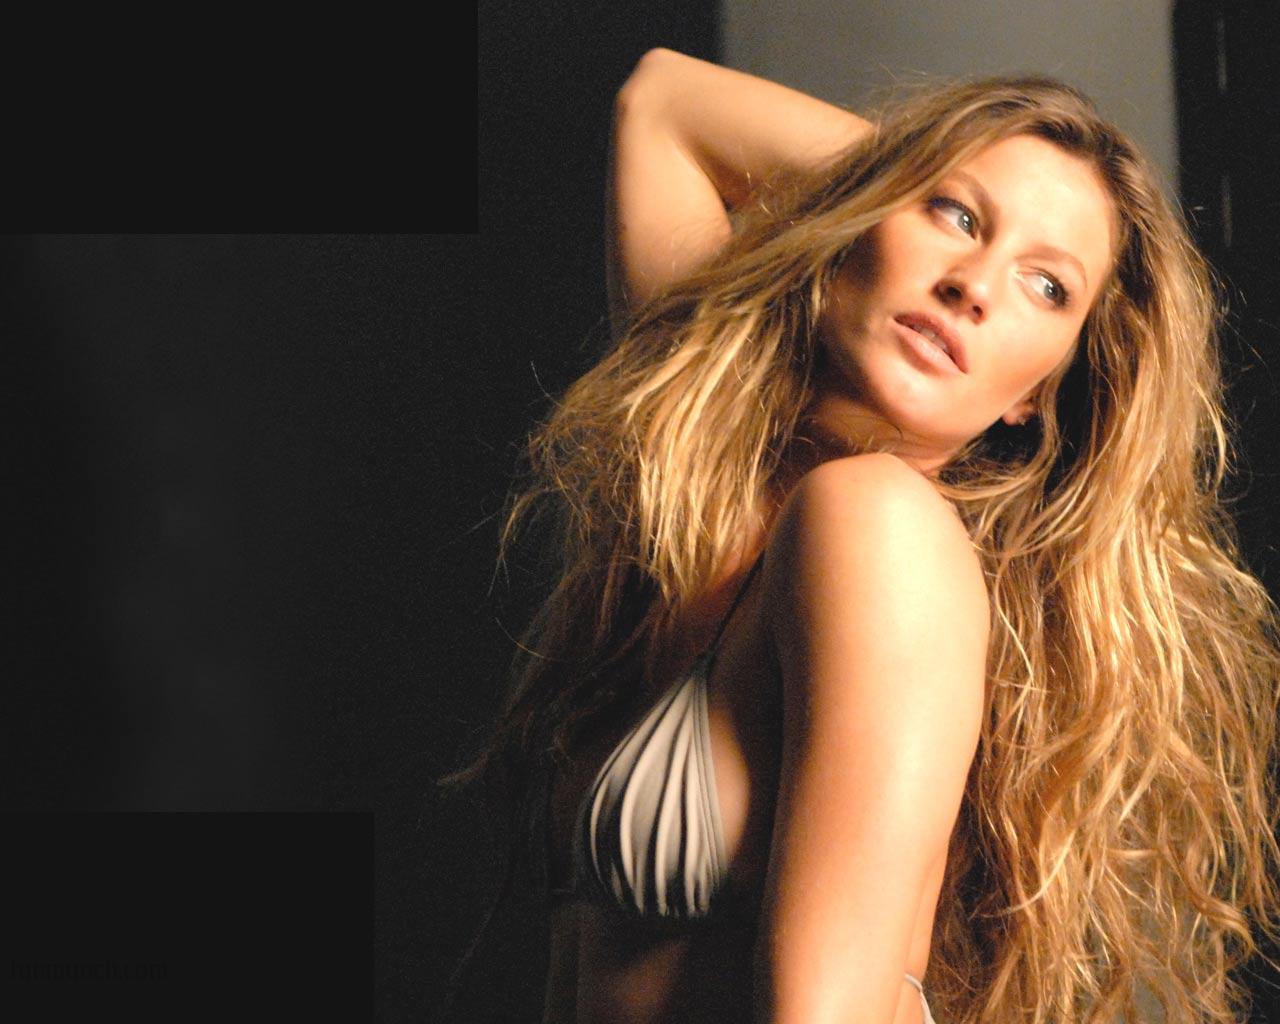 http://2.bp.blogspot.com/-2ASt7BF5kEM/UJB94fhAAVI/AAAAAAAAdJw/NBN06t0nOWk/s1600/gisele-bundchen-hair.jpg